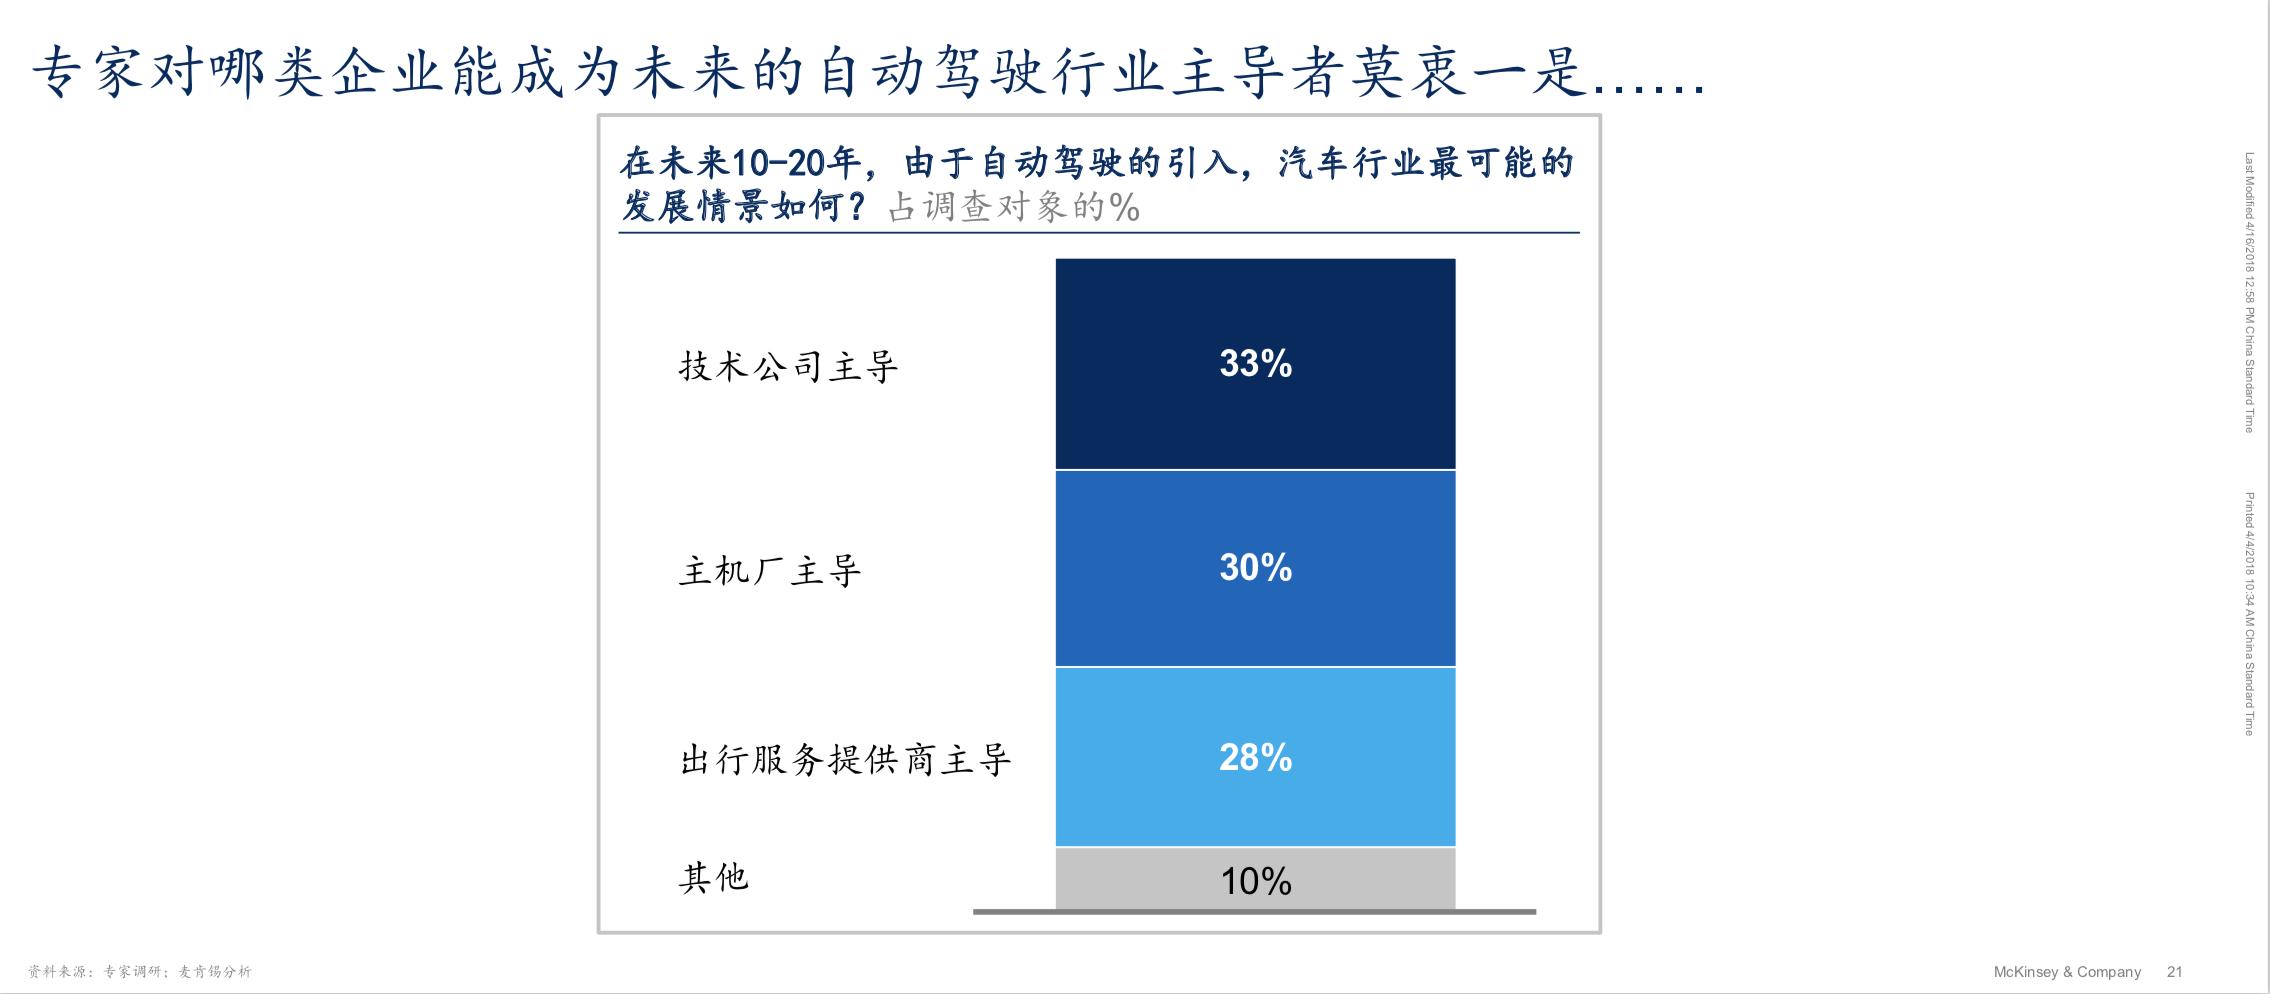 中国自动驾驶技术在算法层面还需2至3年追赶期